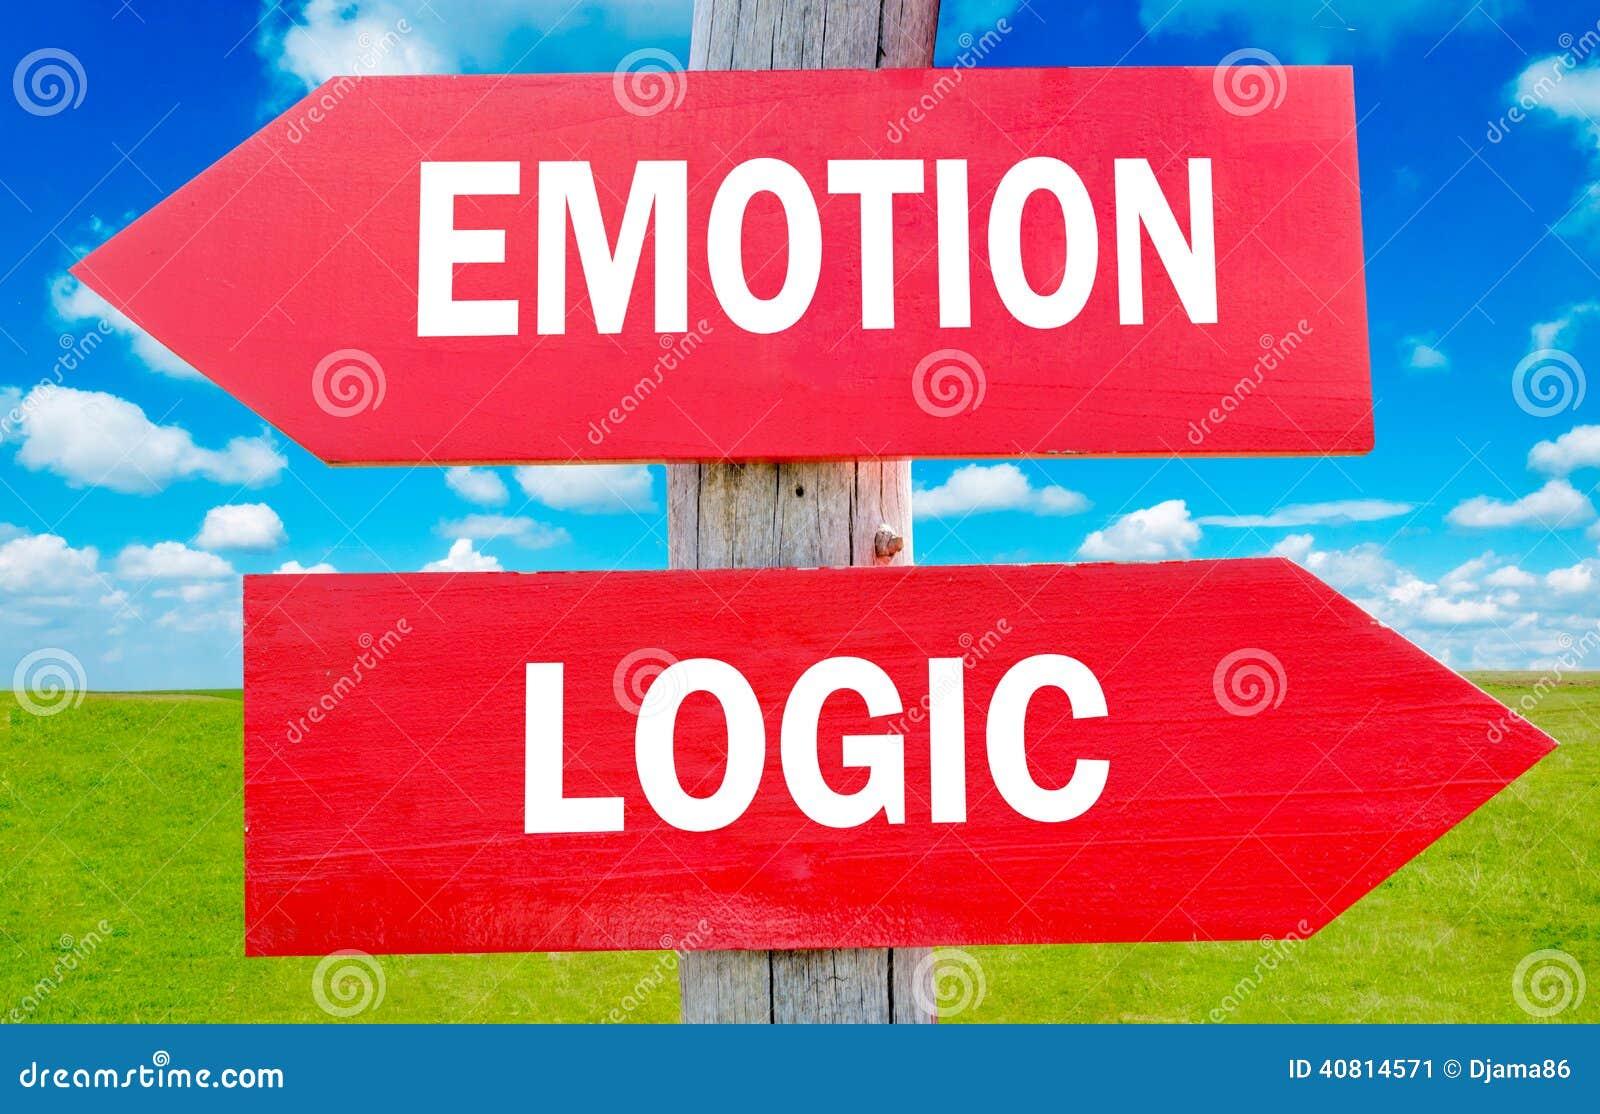 Emoción y lógica